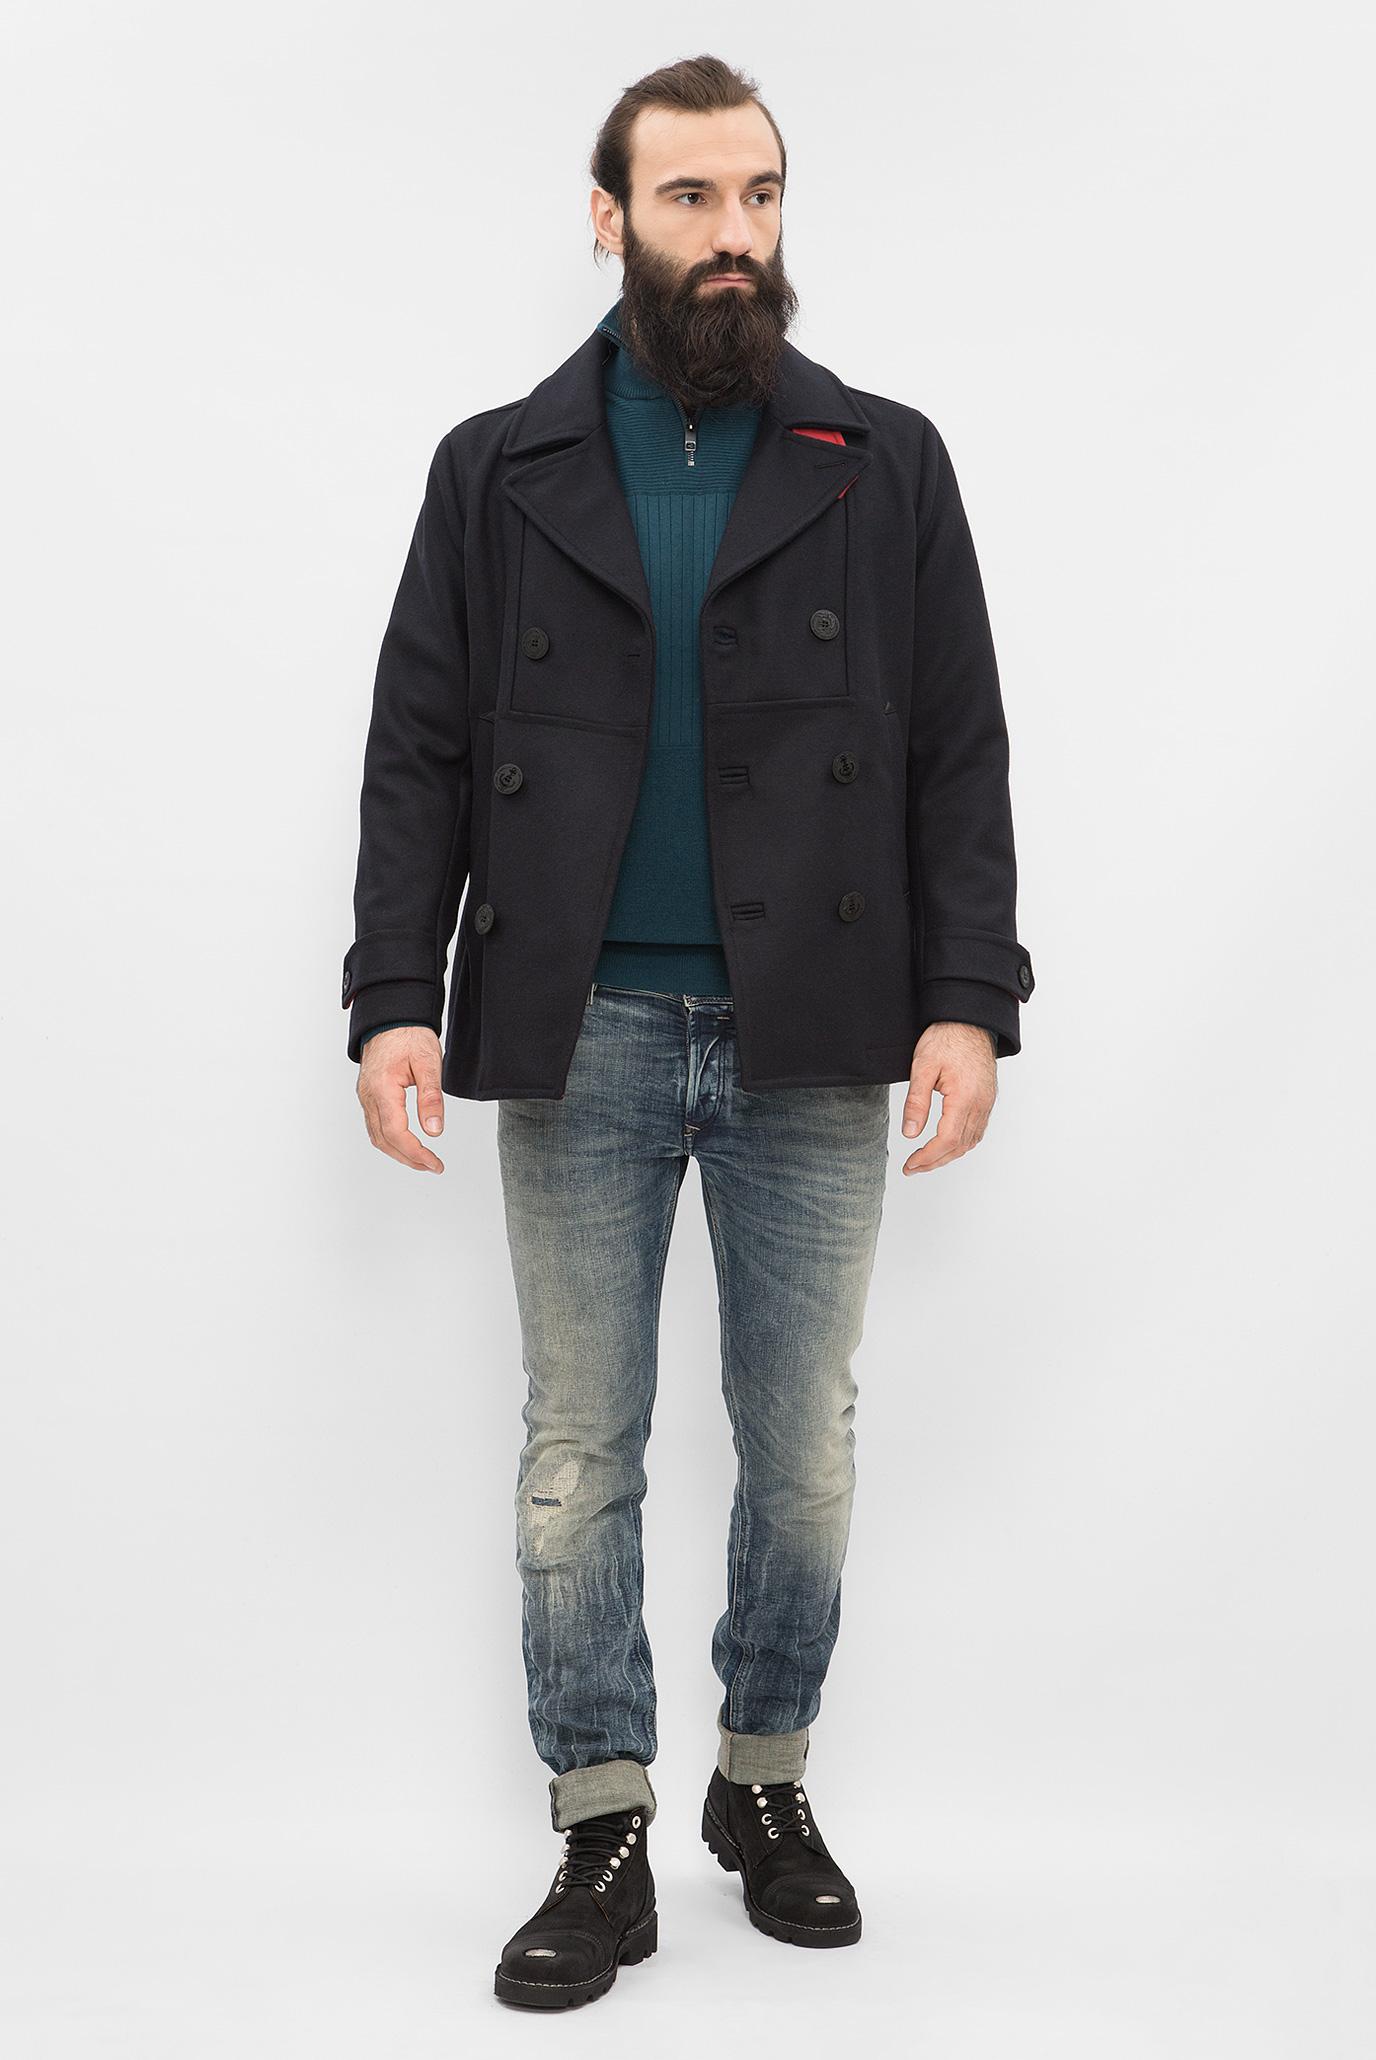 Купить Мужское синее пальто Diesel Diesel 00S13E 0SAJB – Киев, Украина. Цены в интернет магазине MD Fashion